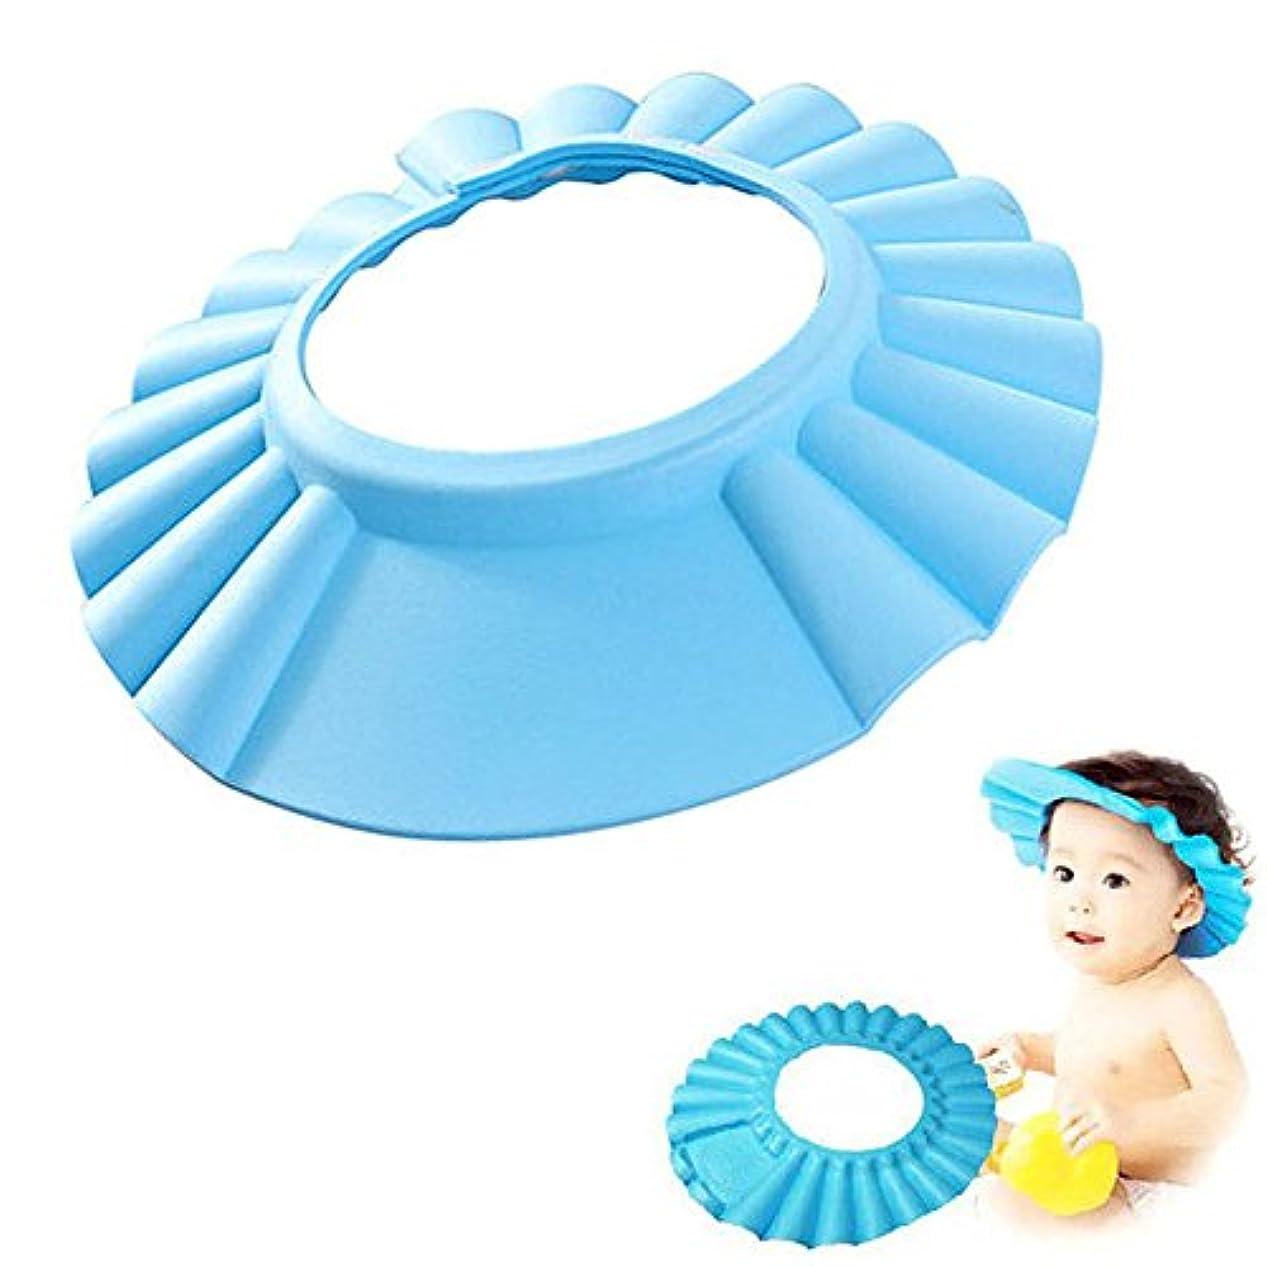 小石ストラトフォードオンエイボン民族主義シャンプーハット 子供 洗髪用帽子 お風呂 防水帽 水漏れない樹脂 サイズ調節 (ブルー)